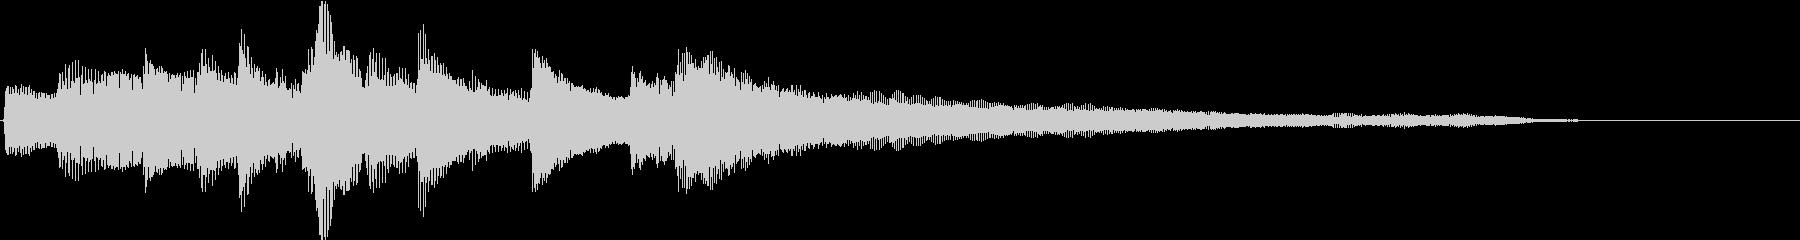 CMや映像に 温かいピアノジングル 5の未再生の波形